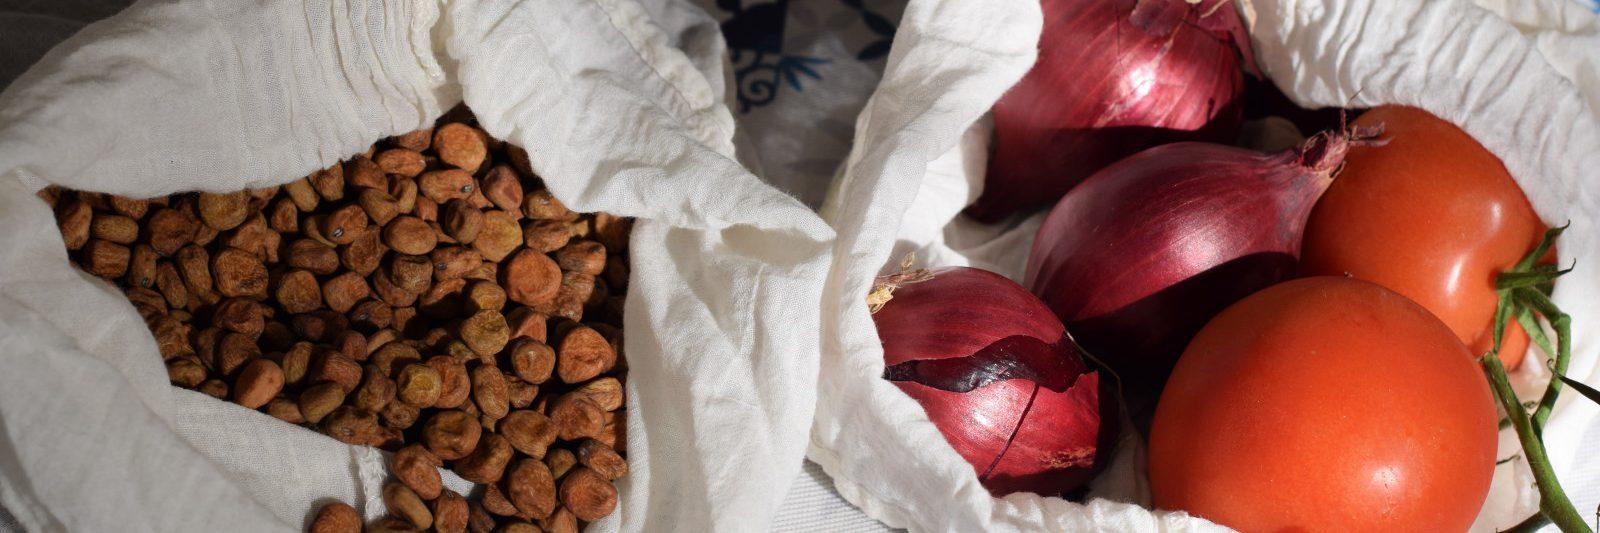 Duurzaam leven, stoffen zakjes, gevuld met grauwe erwten, rode uien en trostomaat.